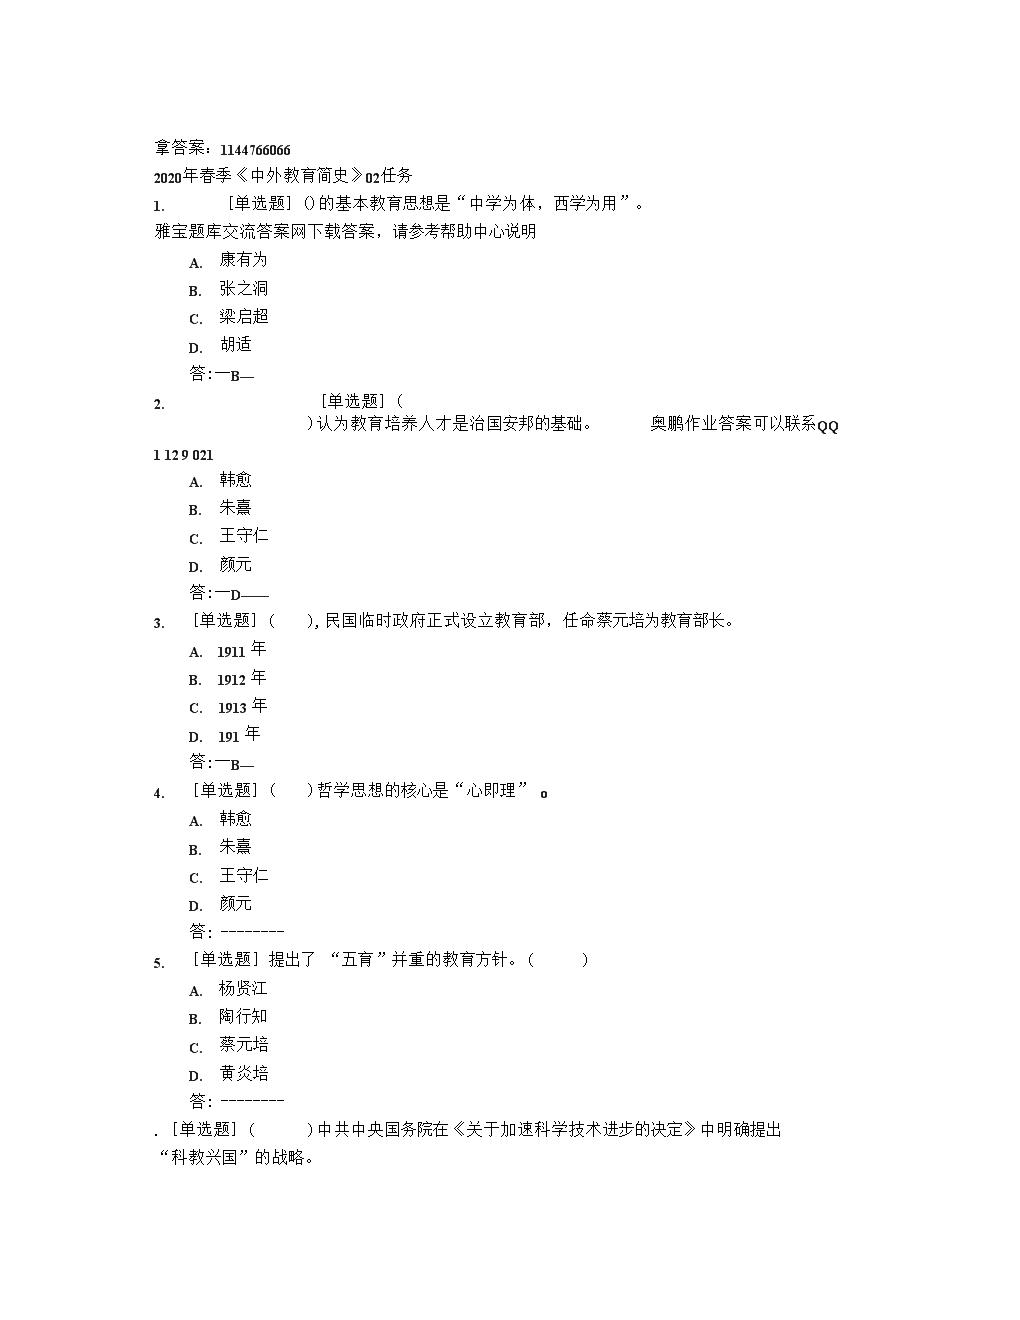 贵州电大2020年春季《中外教育简史》02任务参考非答案..docx